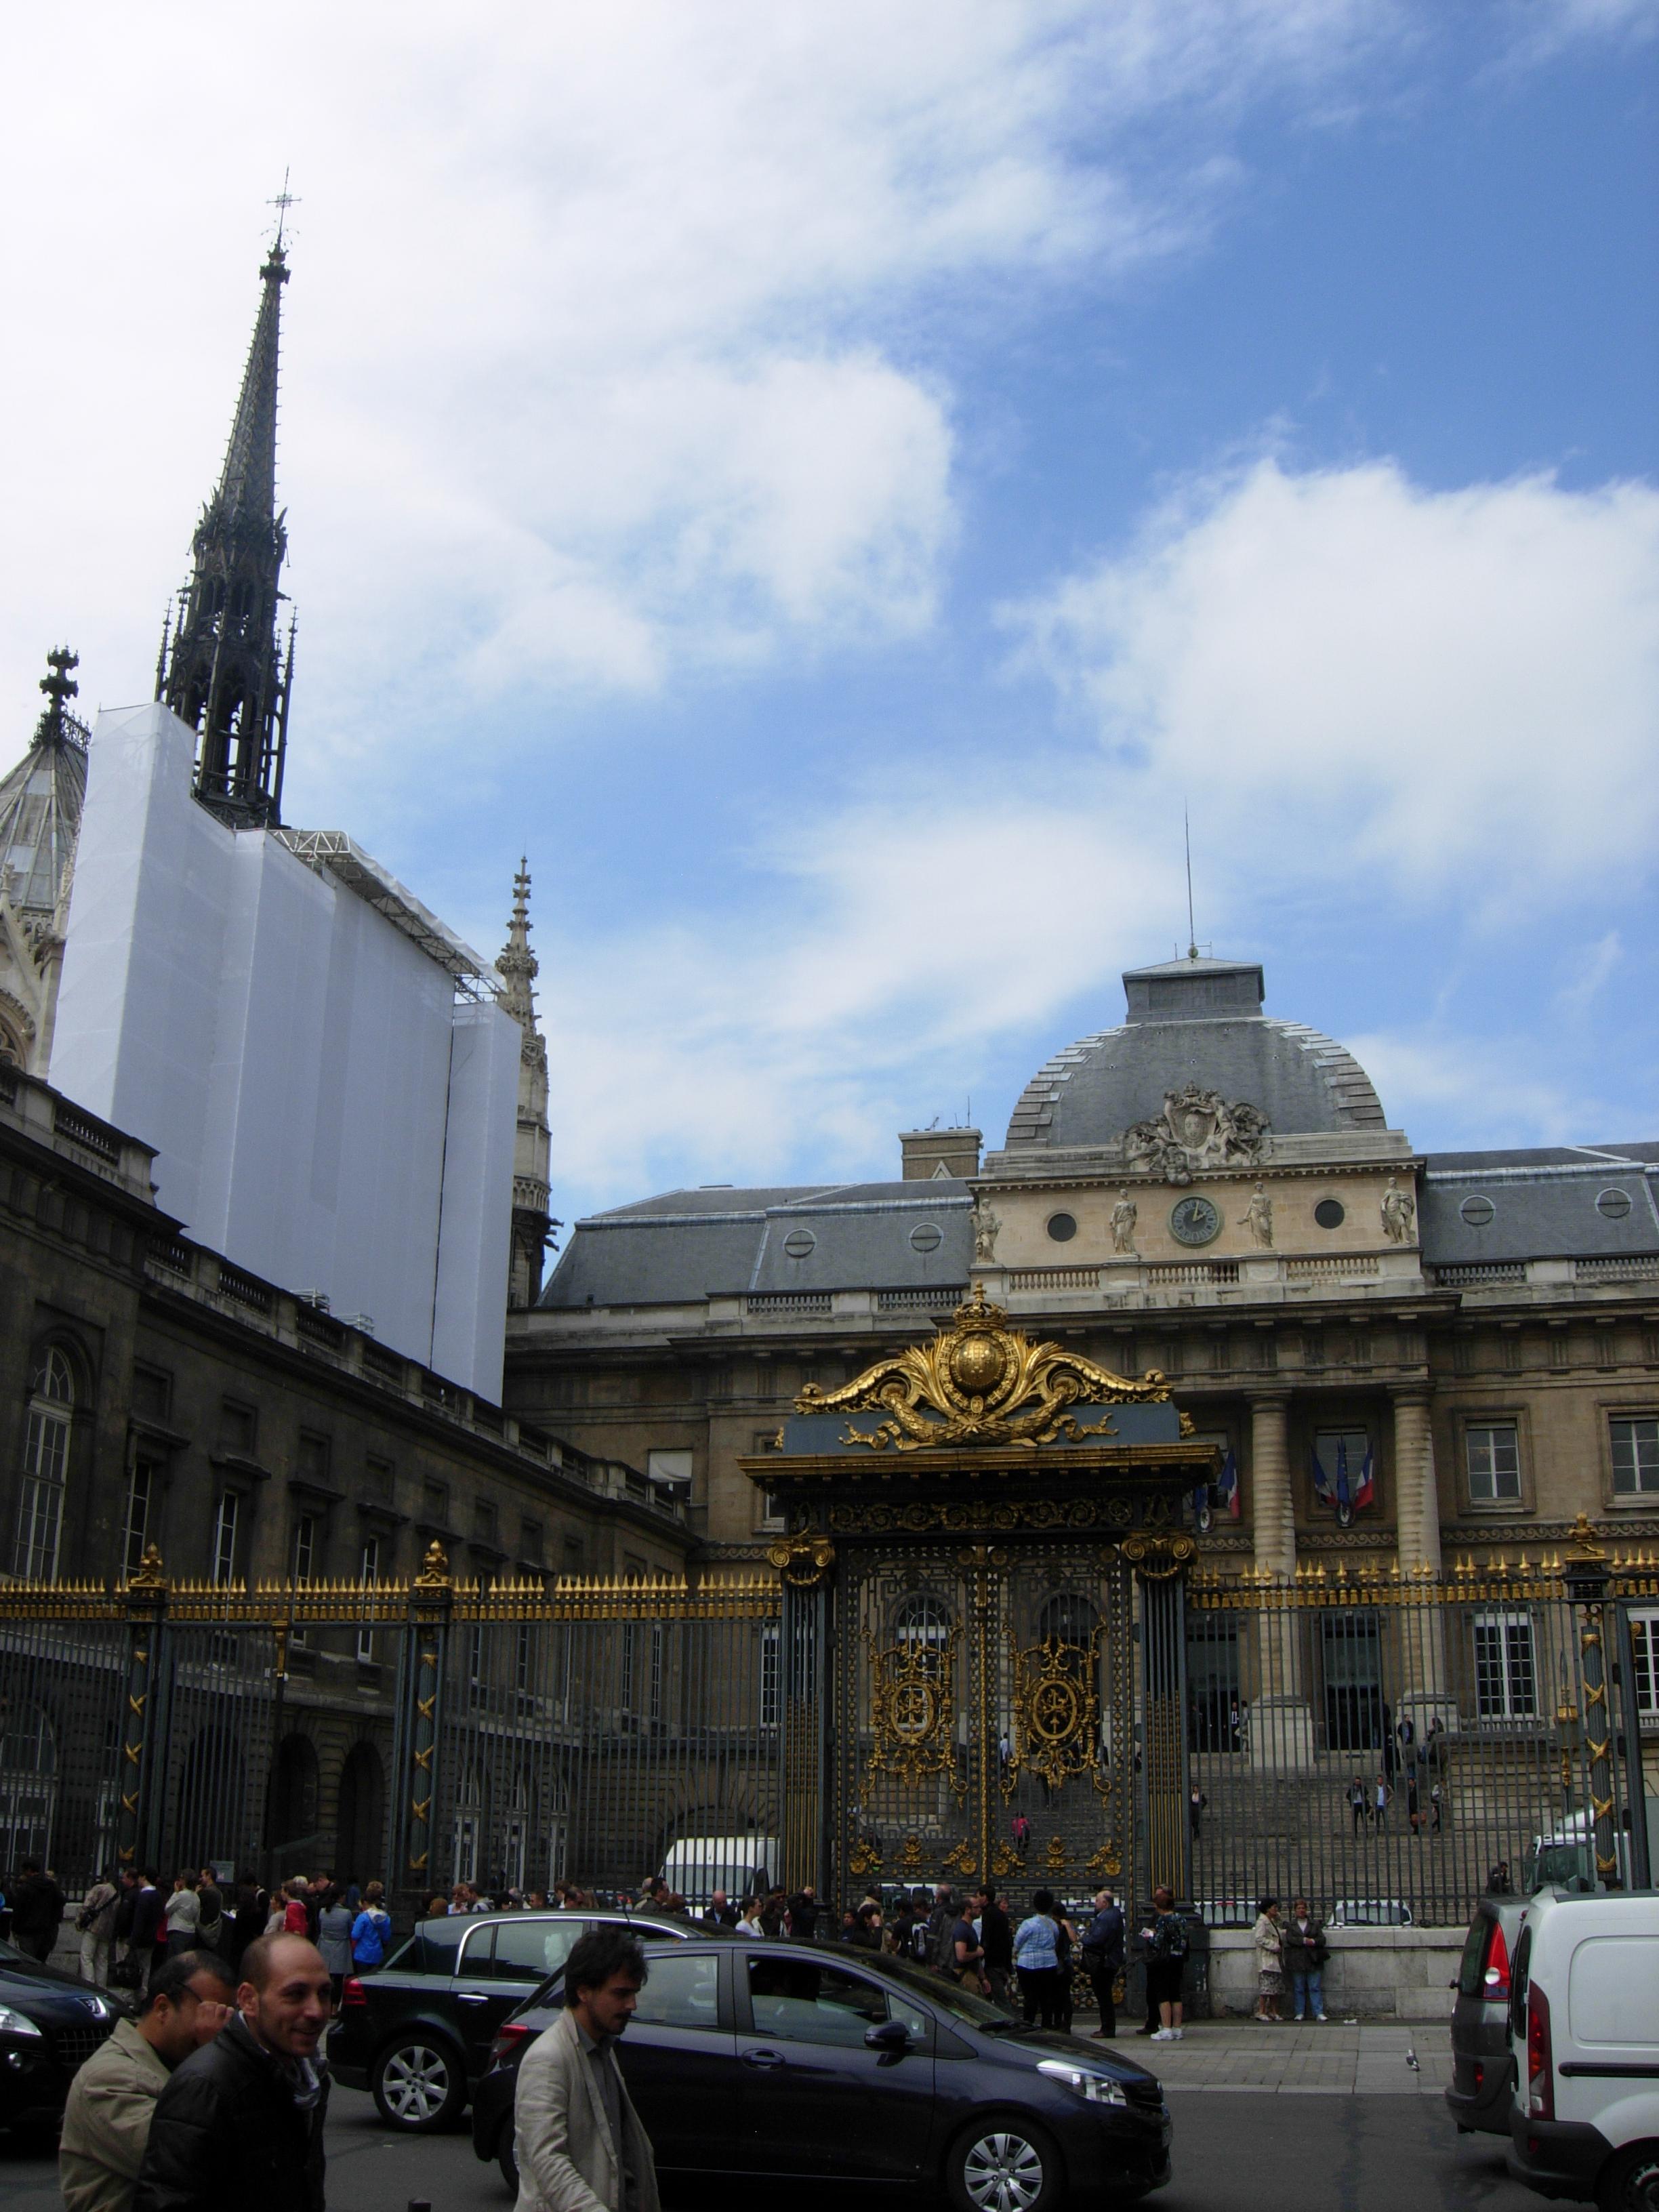 文化巴黎的魅力——卢浮宫、凯旋门……_图1-17